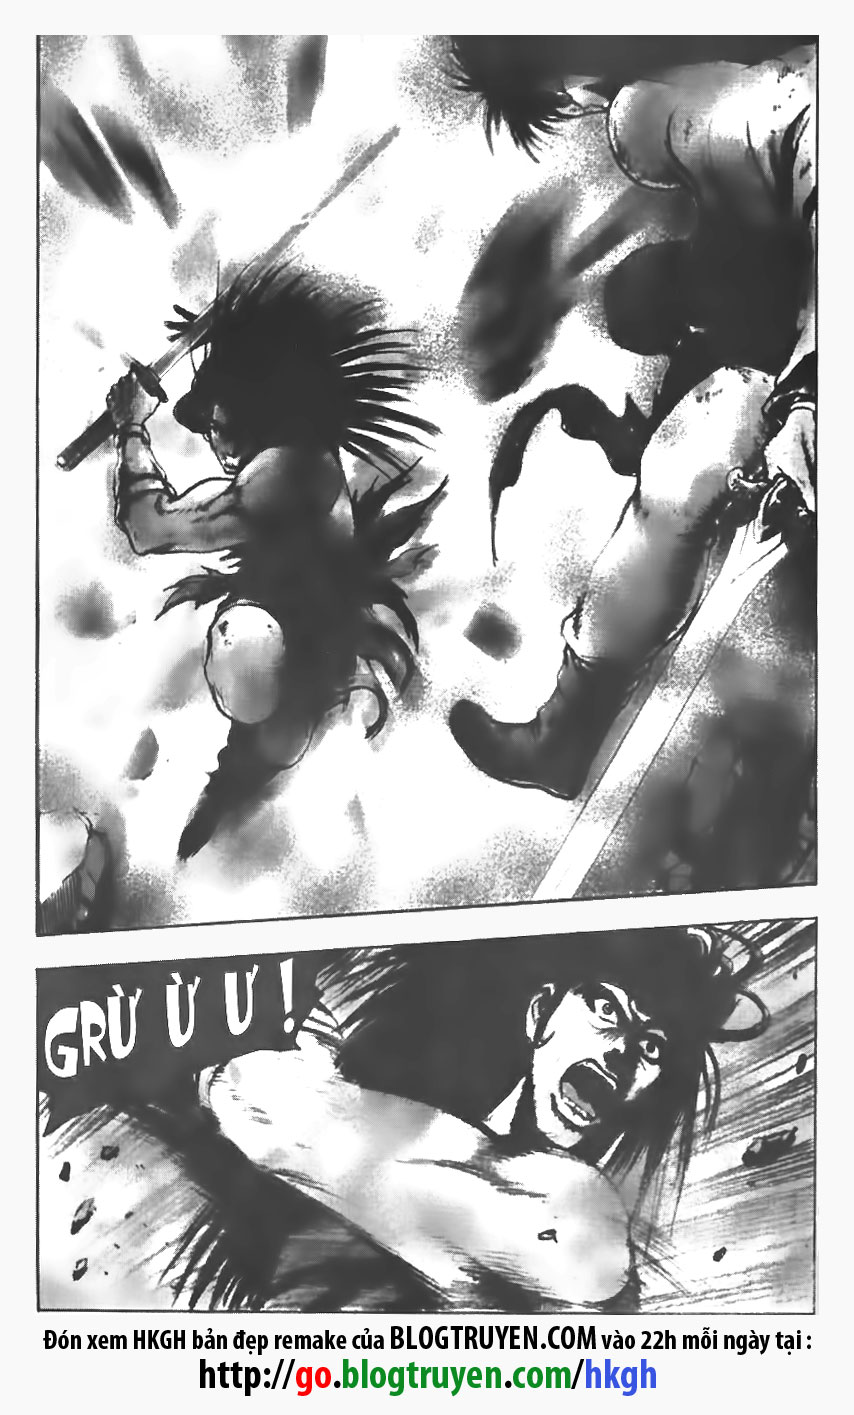 xem truyen moi - Hiệp Khách Giang Hồ Vol16 - Chap 105 - Remake